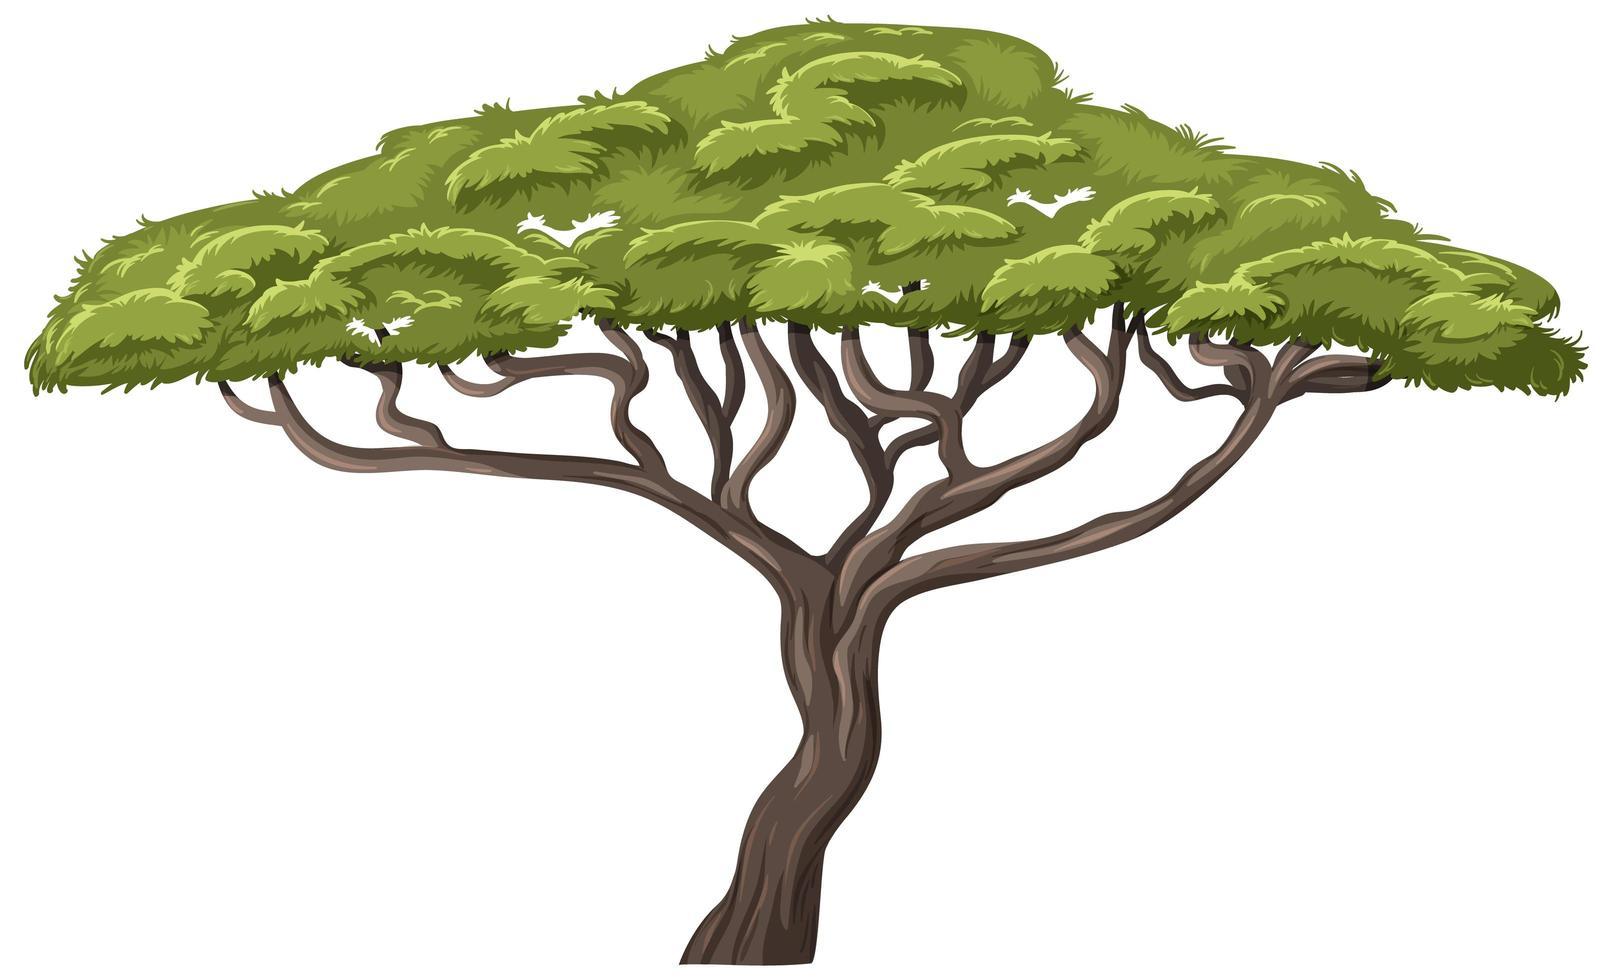 arbre isolé sur fond blanc vecteur